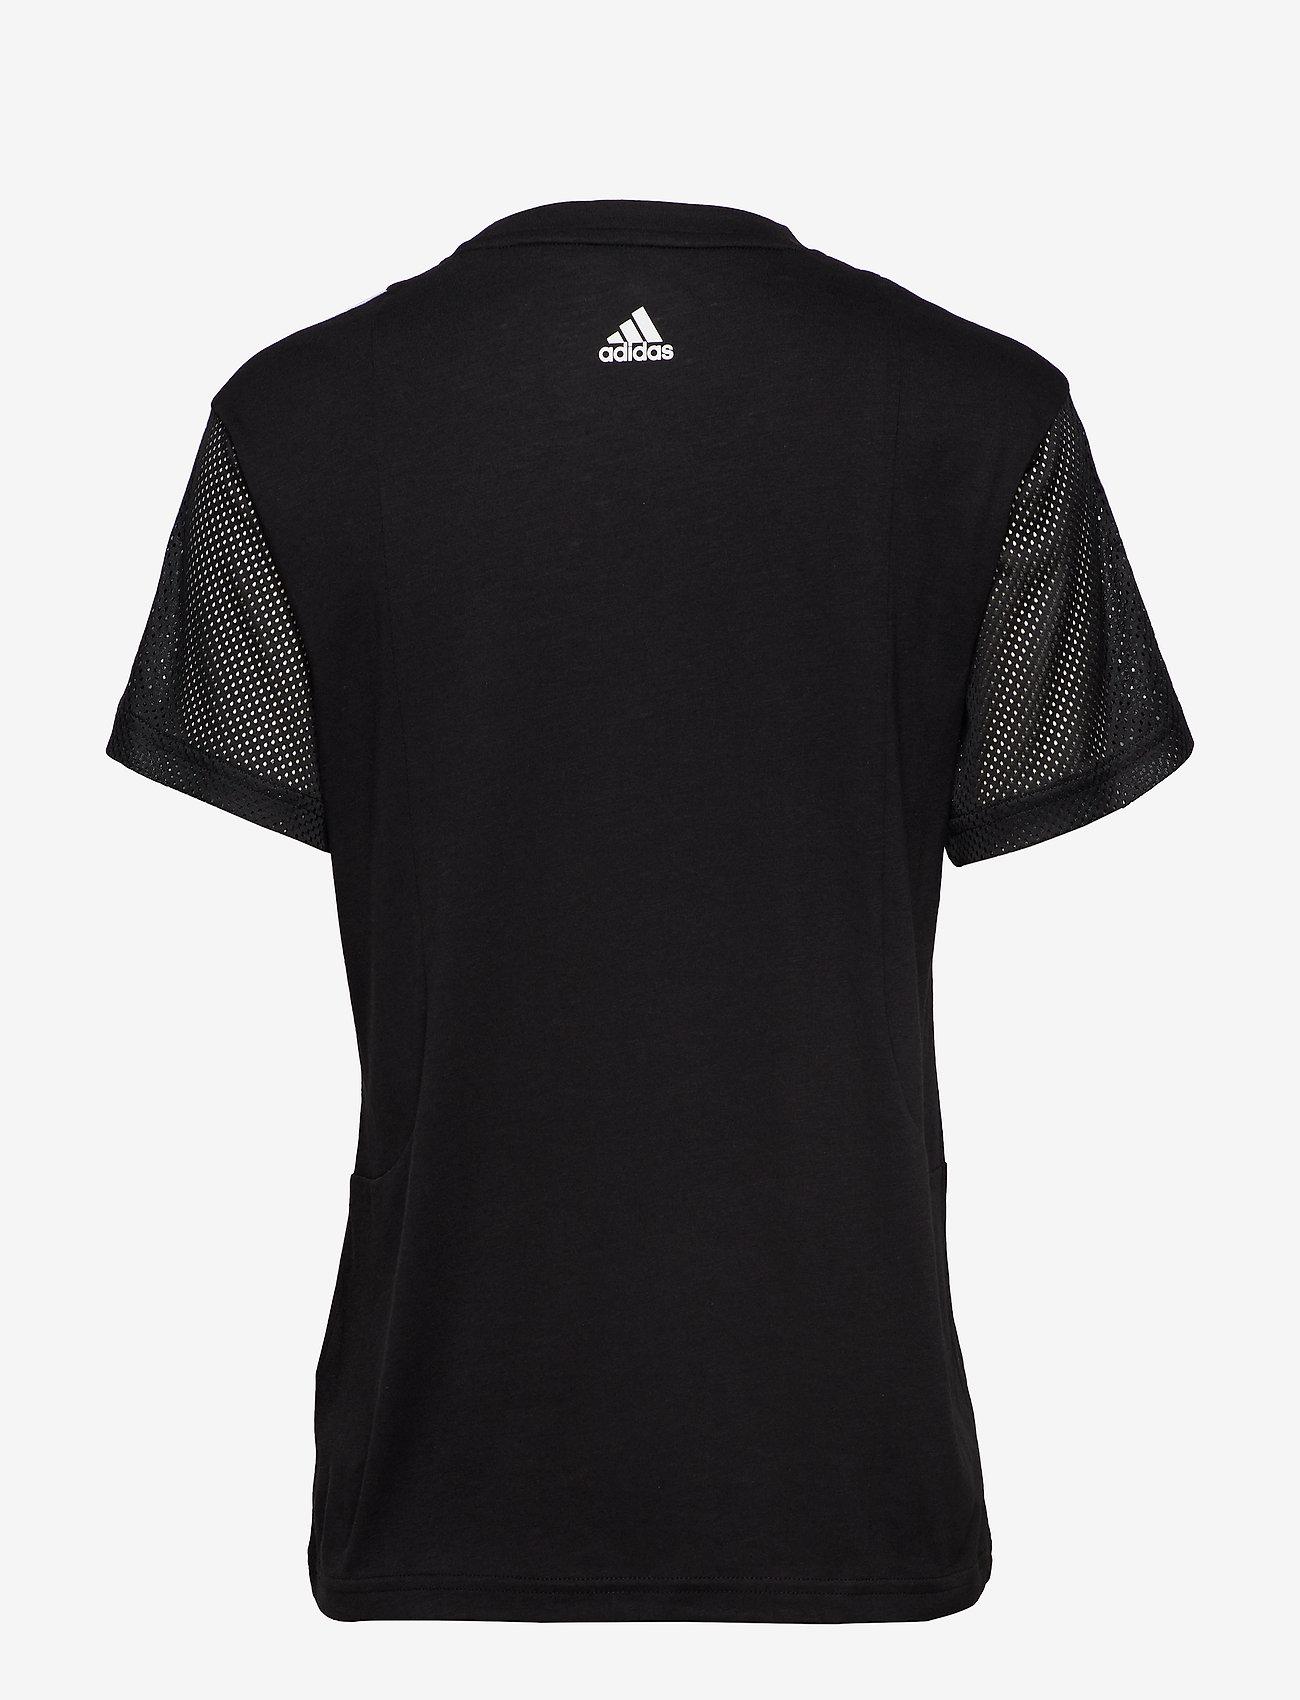 Adidas Performance 3s Mesh Slv T - T-shirts & Toppar Black